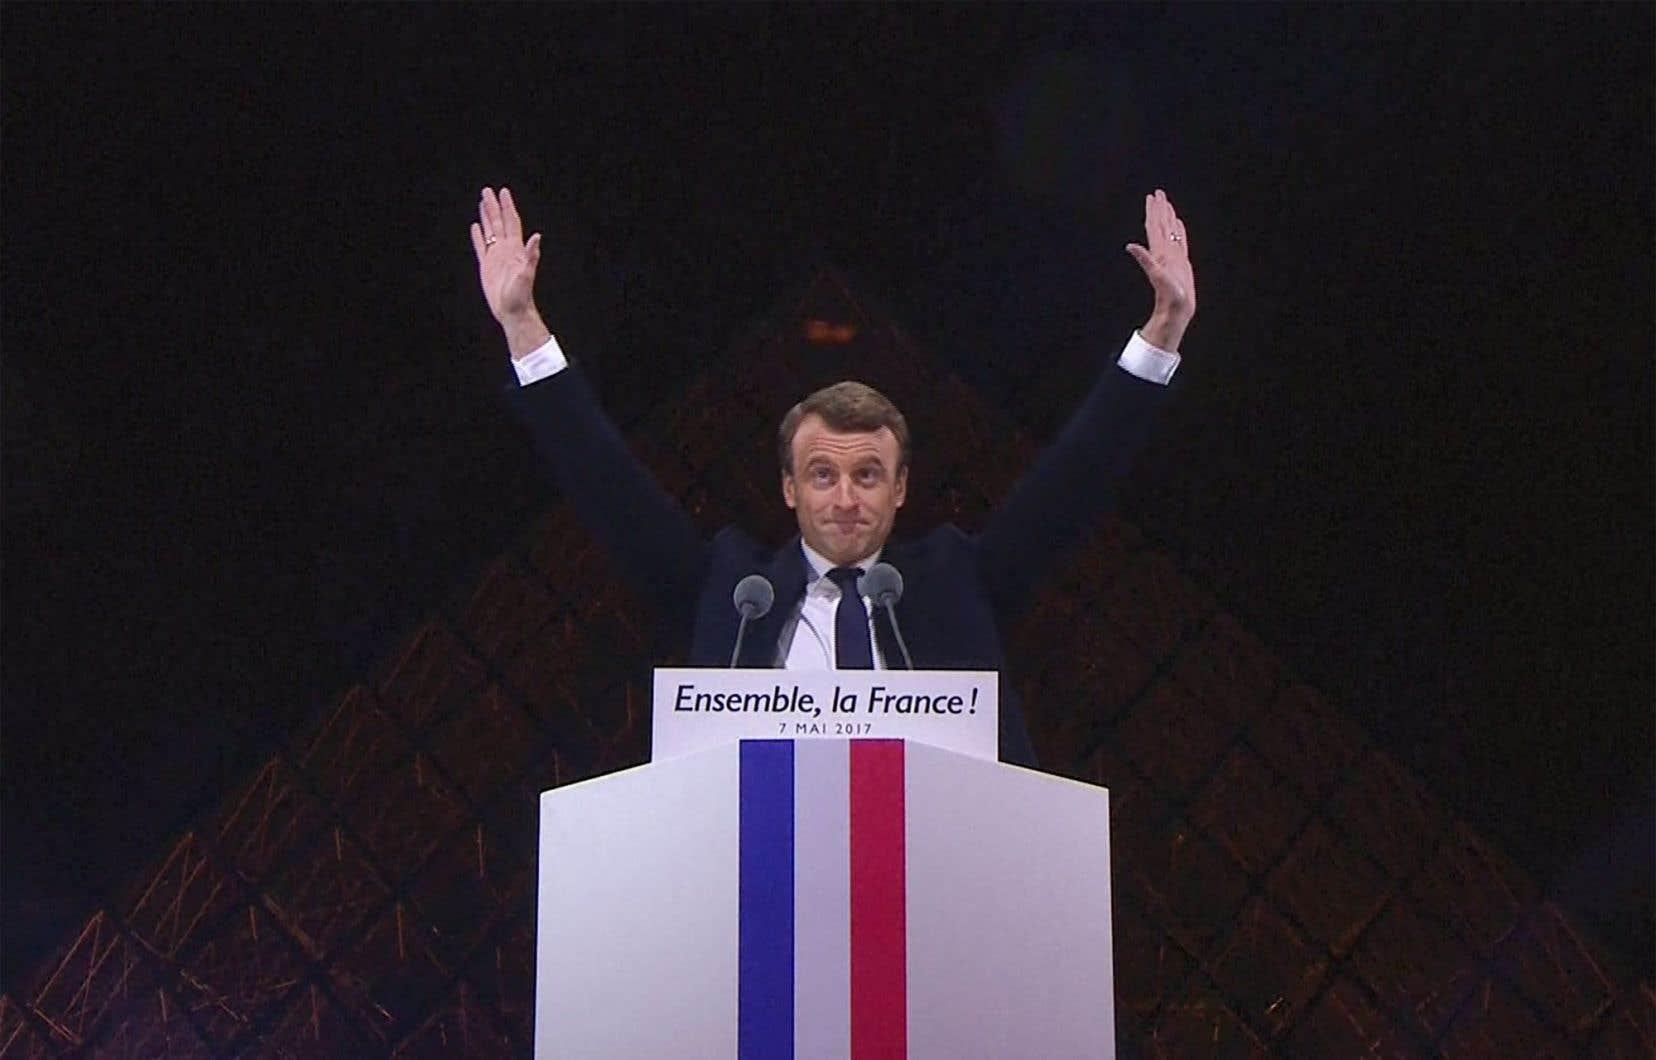 Le président élu Emmanuel Macron a prononcé un discours devant la pyramide au musée du Louvre, à Paris.